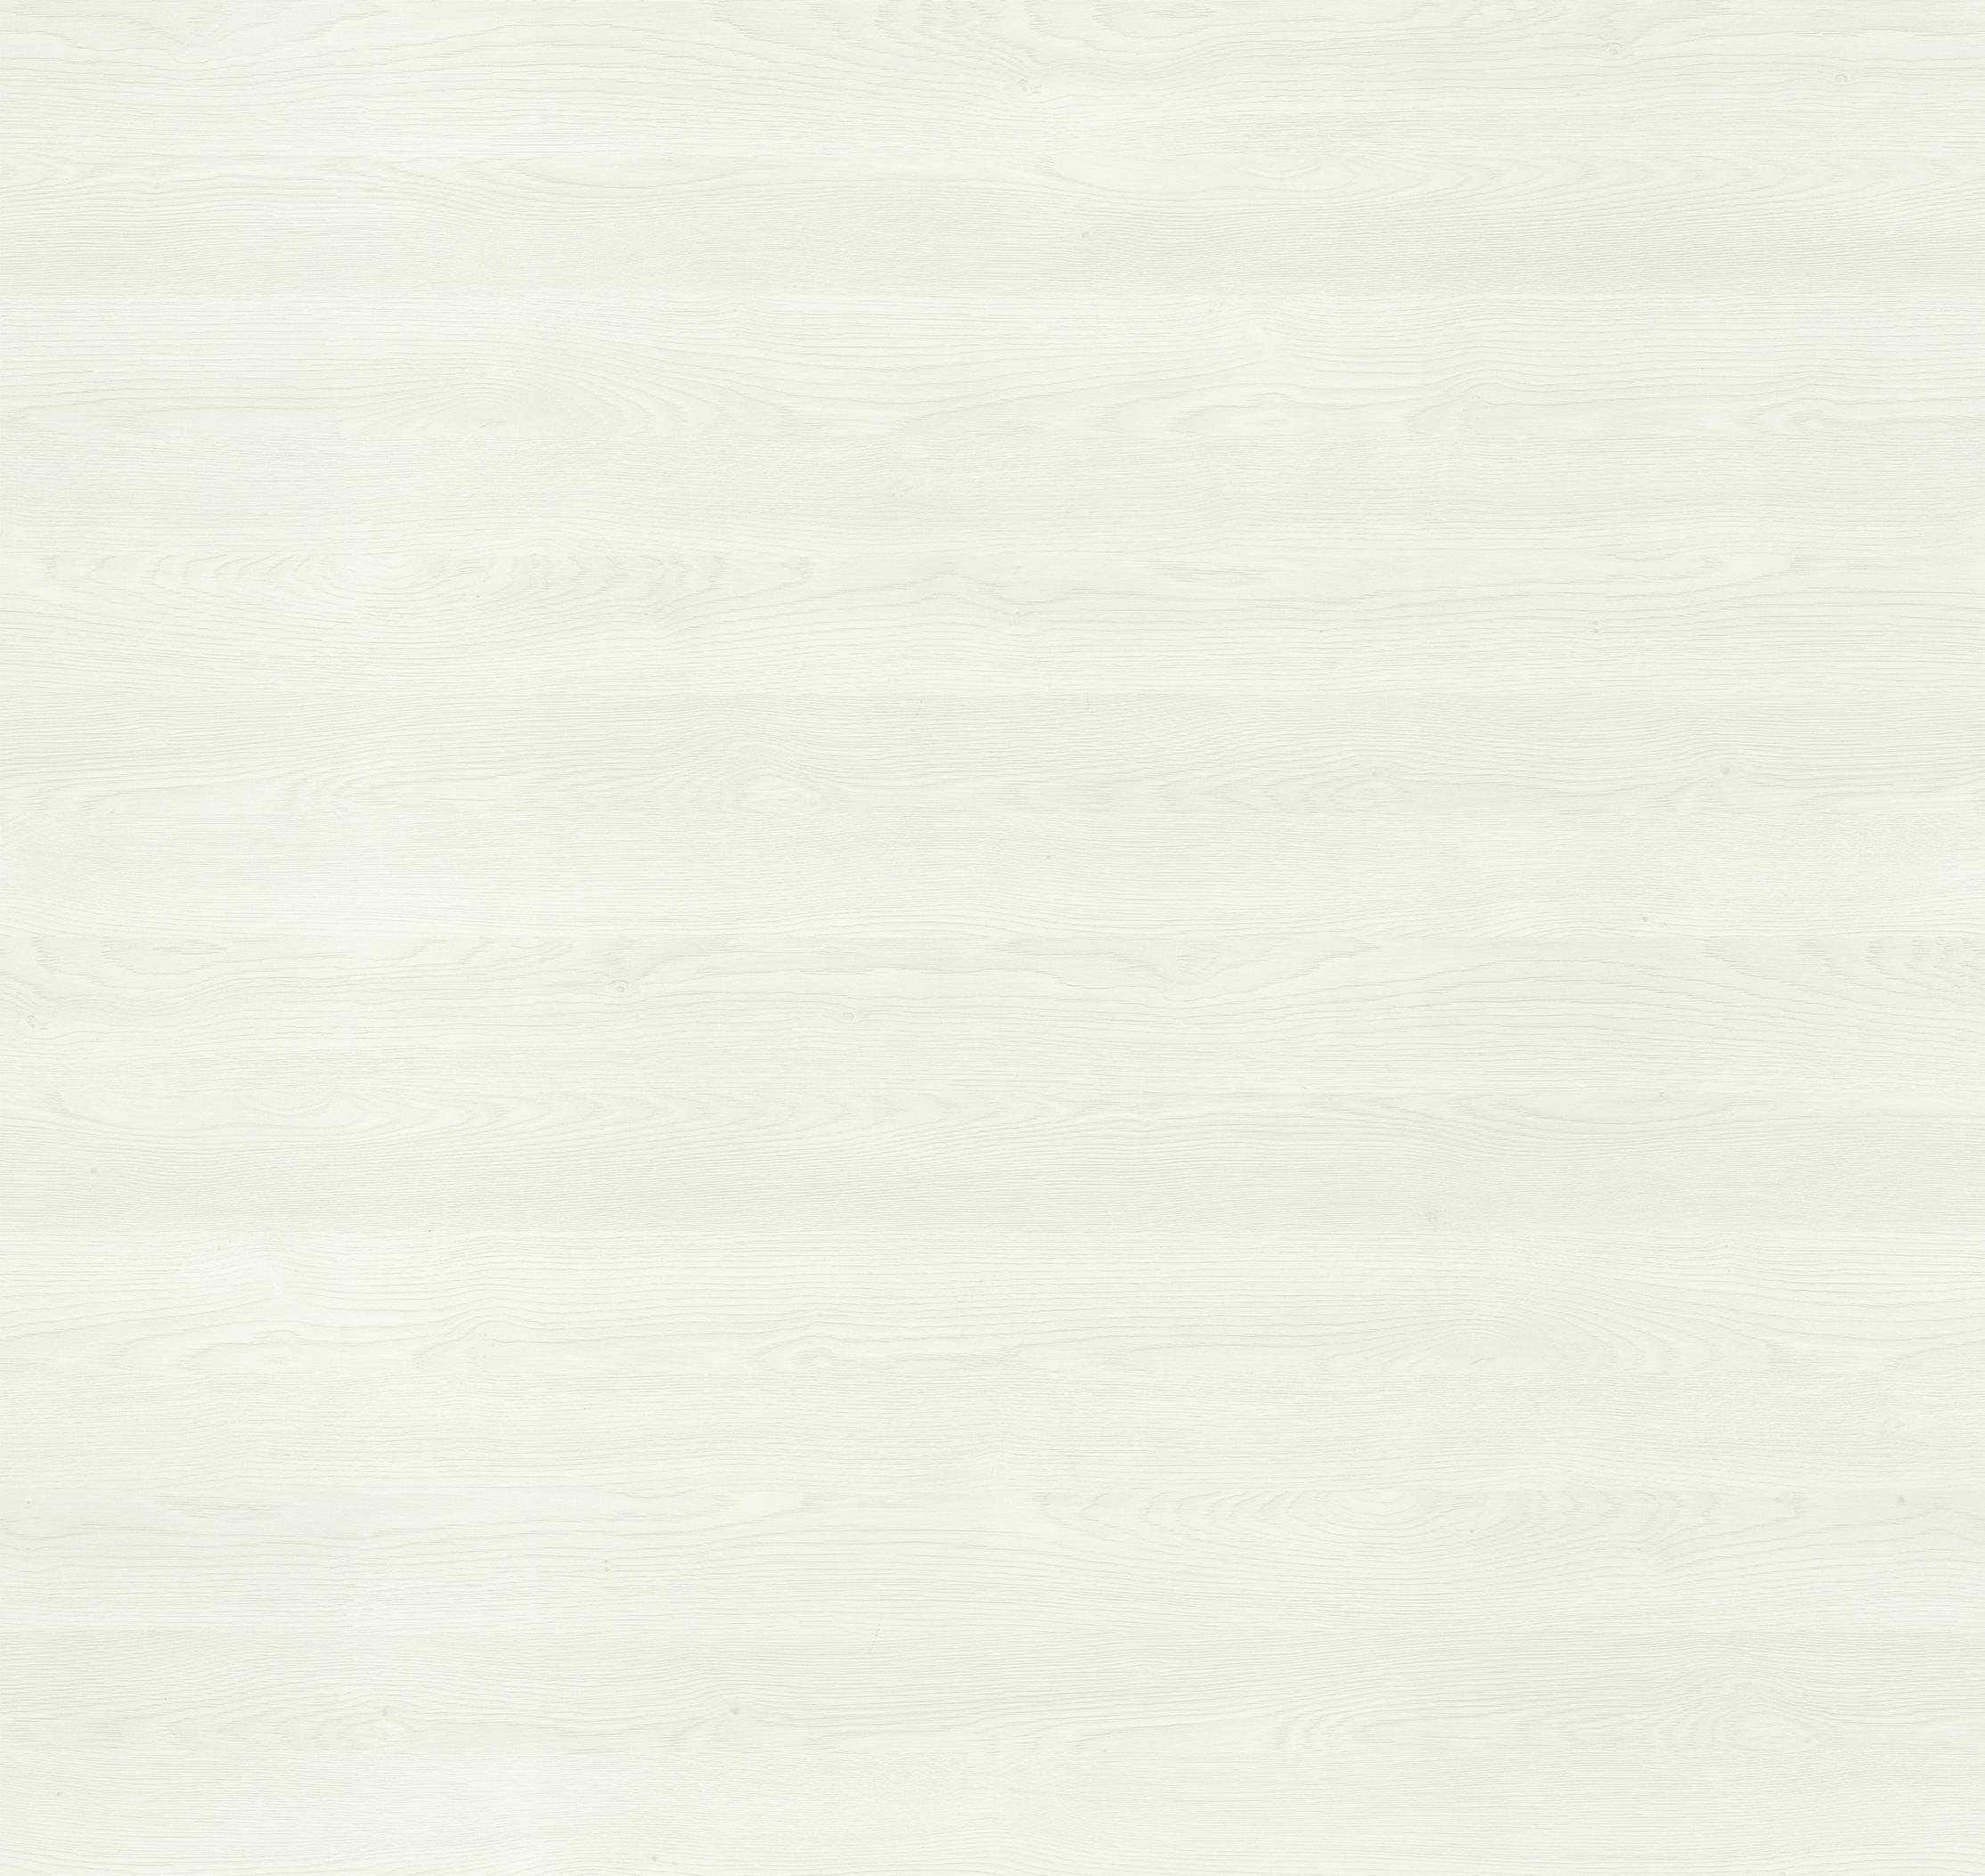 (436) Eiche Weiß quer NB